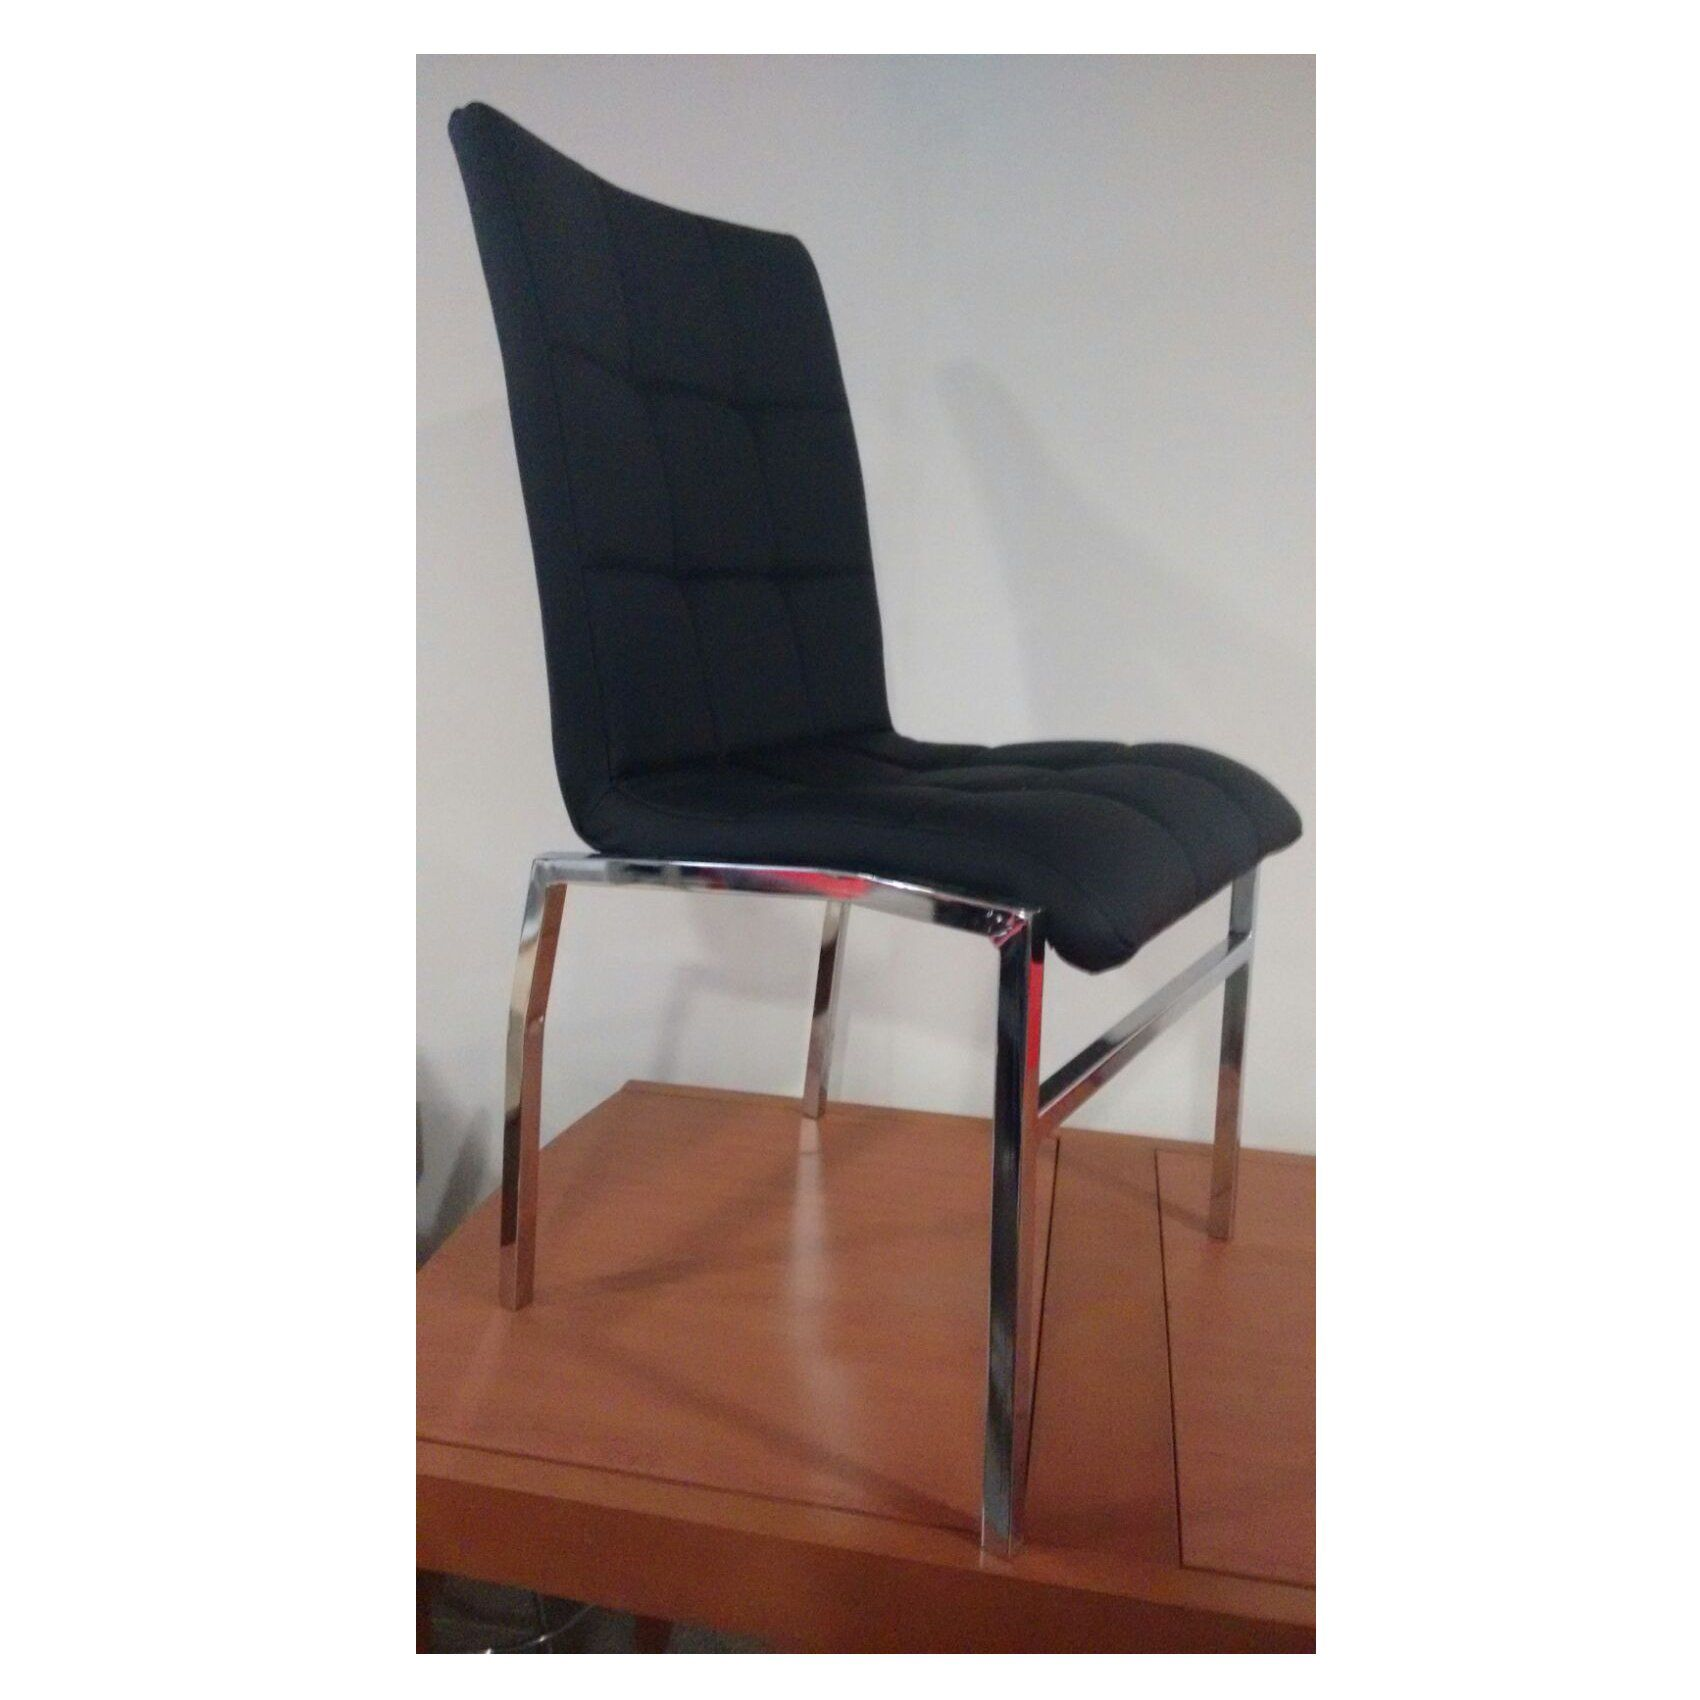 Oferta silla modelo Eva: Productos y servicios de Comume